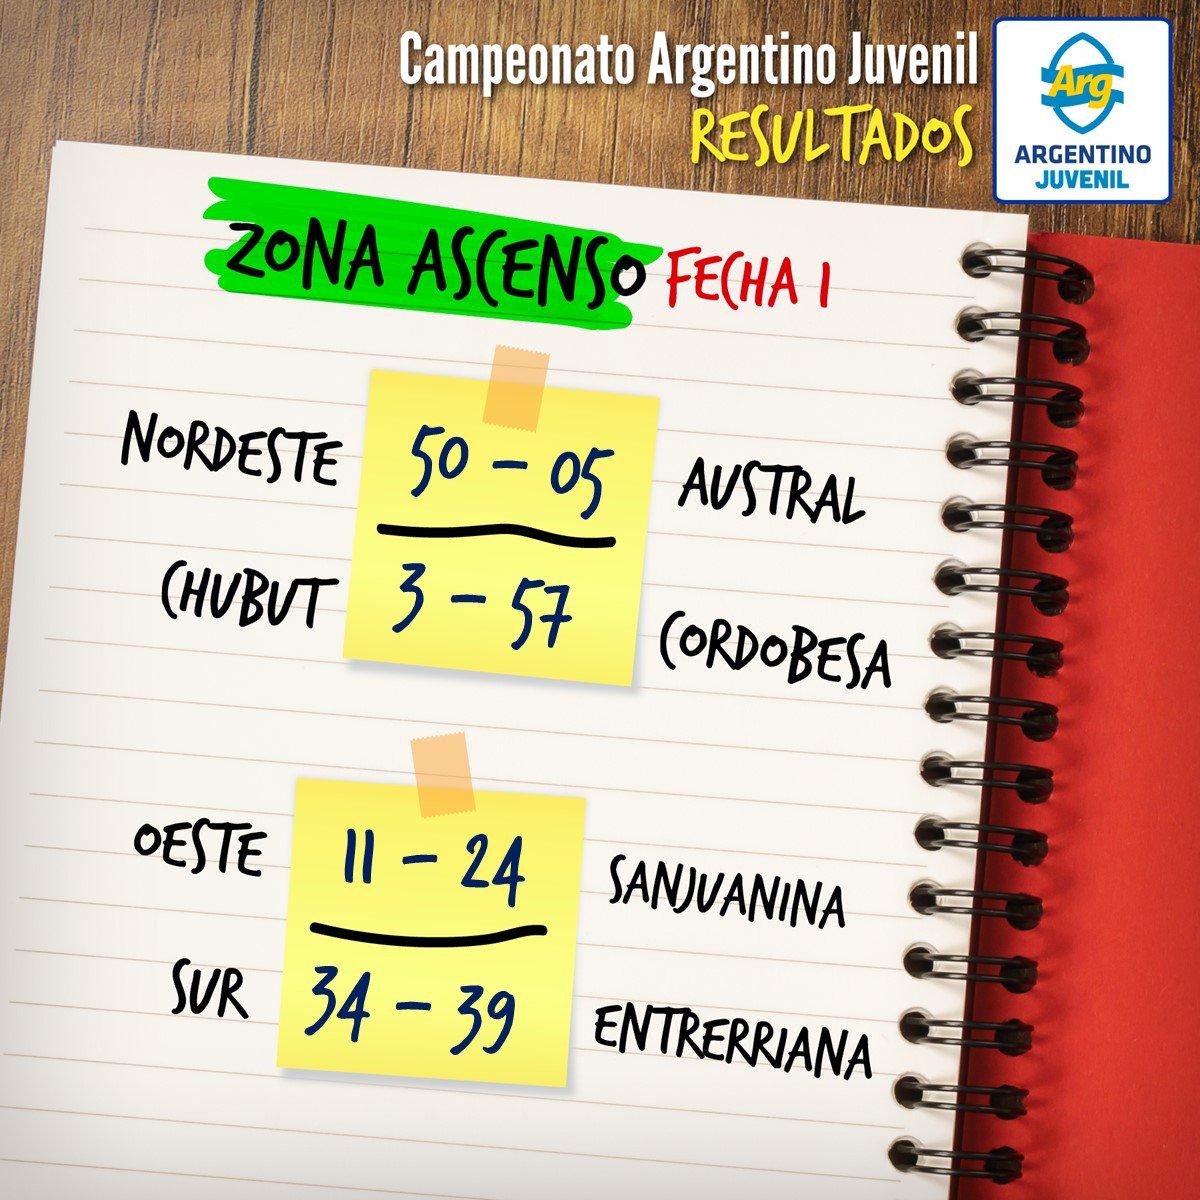 Fecha 1: resultados Zona Ascenso #ArgentinoJuvenilM18 #JugamosTodos